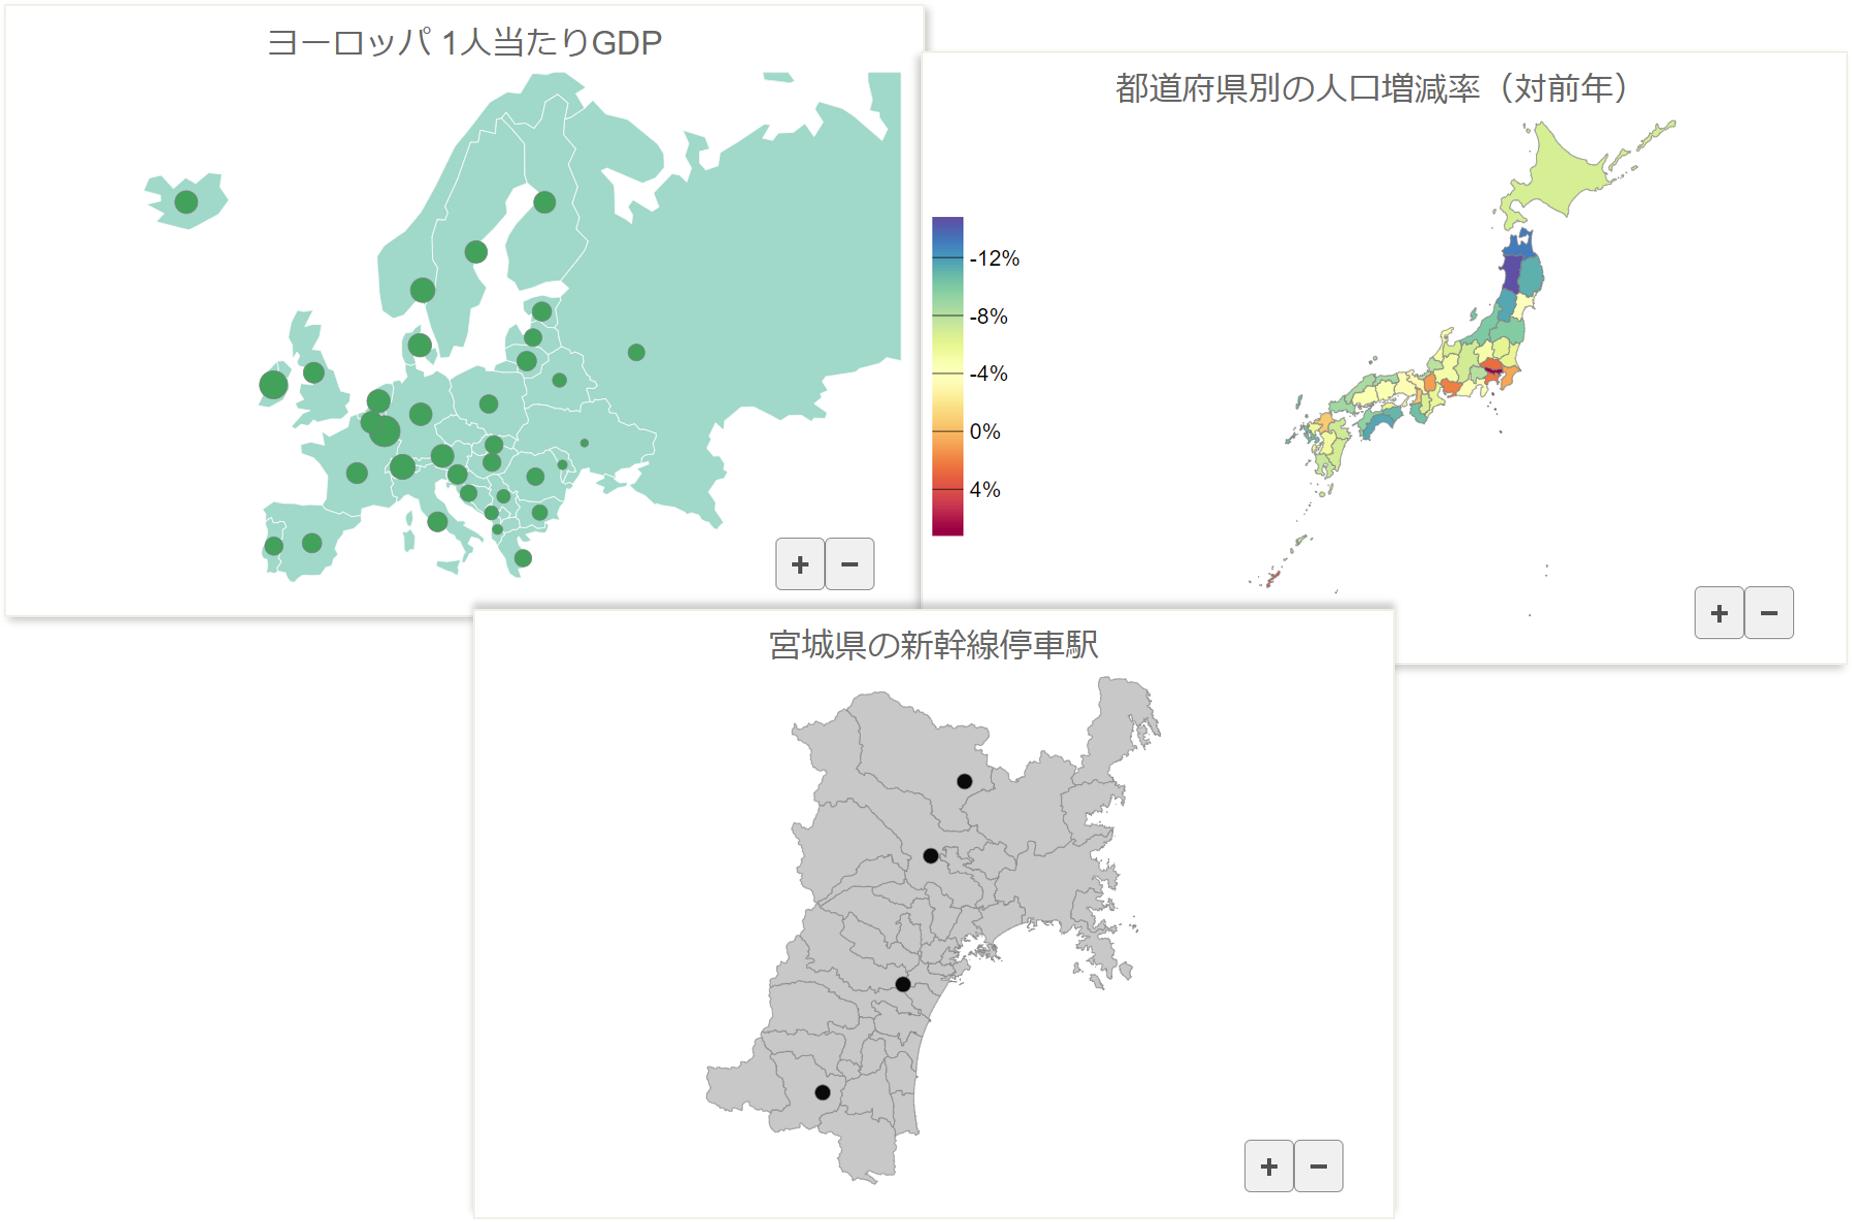 地理空間データ可視化コントロール「FlexMap」